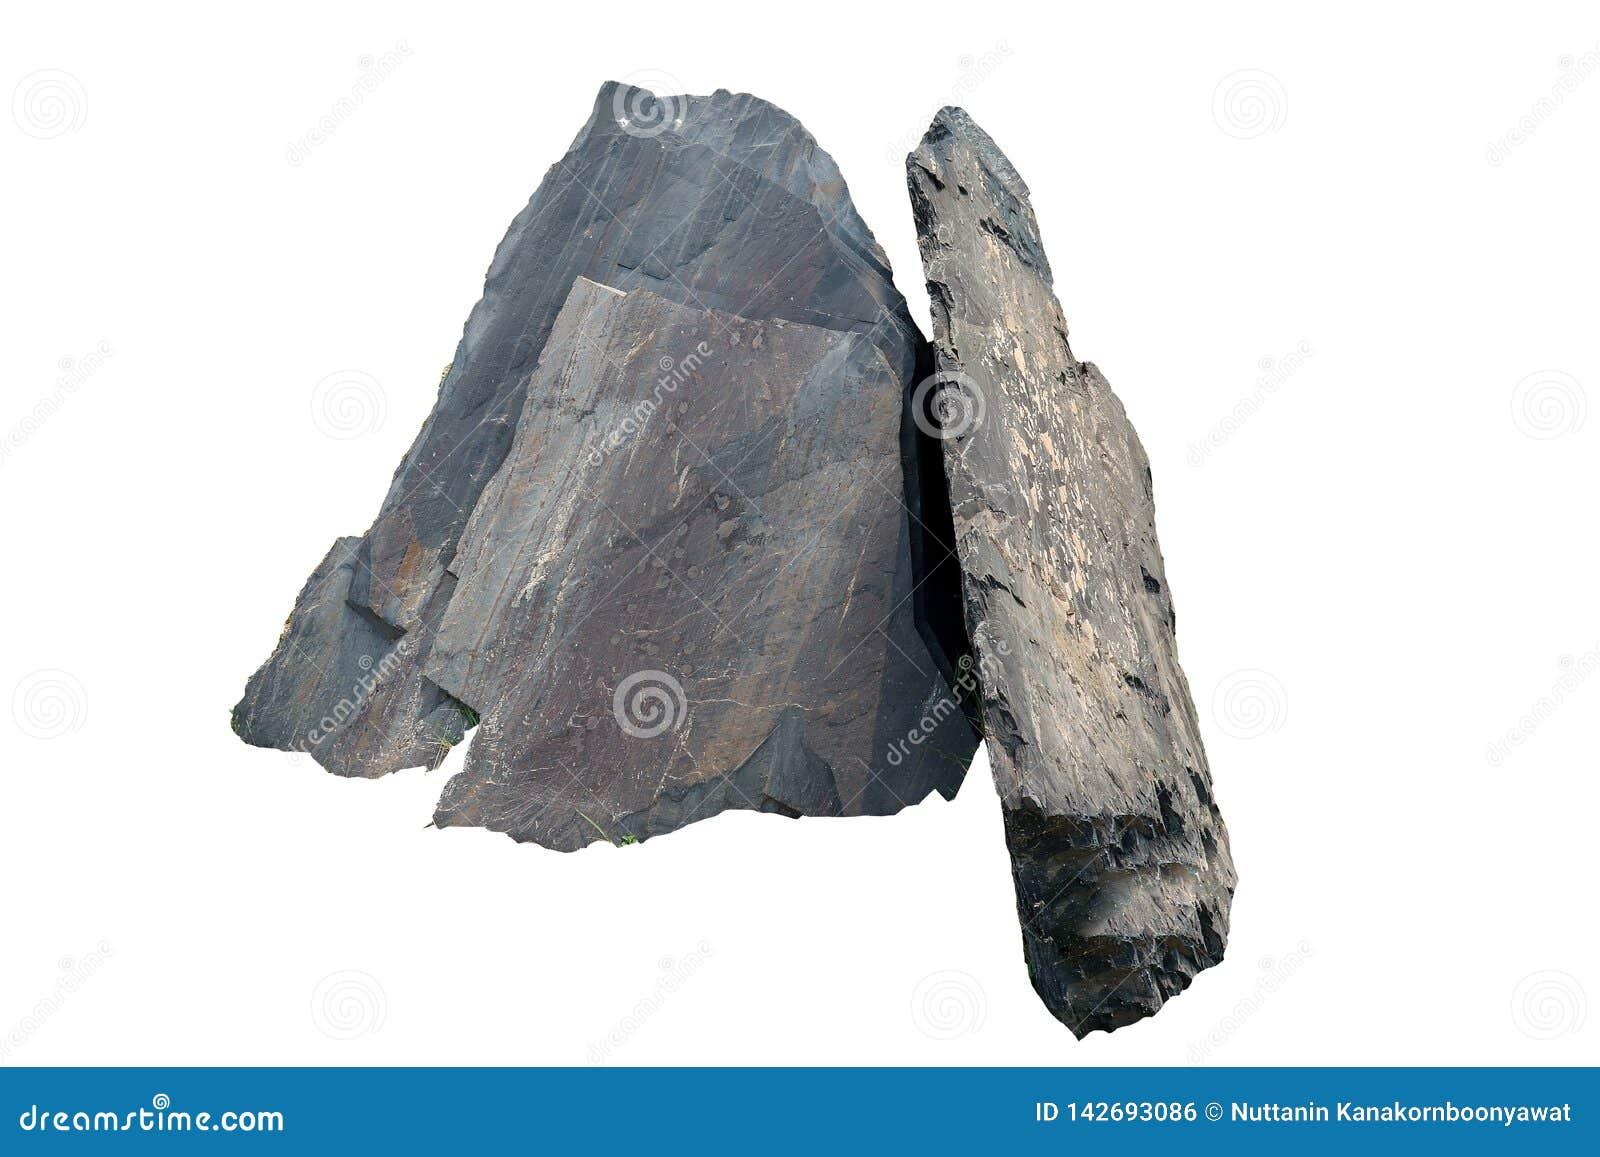 Pierre d ardoise : est une roche métamorphique à grain fin, feuilletée, homogène dérivée d une roche sédimentaire de type schiste